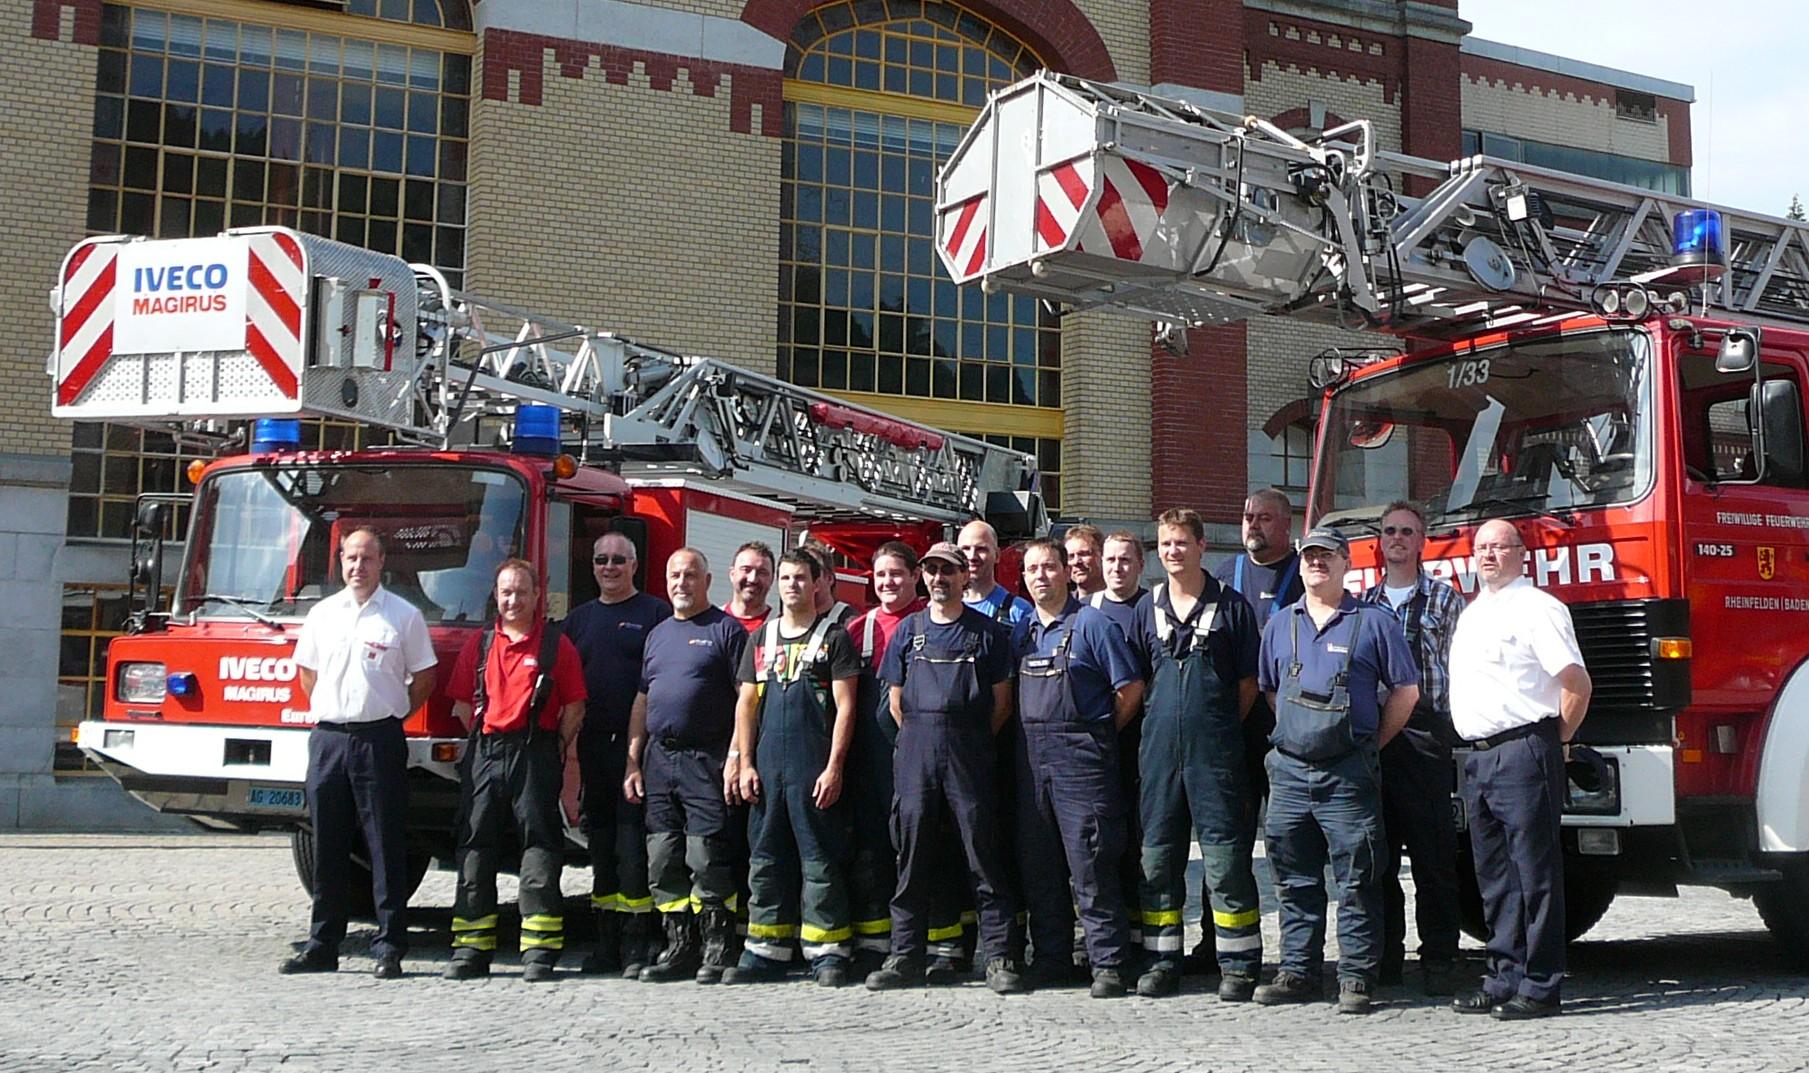 Internationaler Drehleiter Ausbildungstag bei der Feuerwehr Rheinfelden und der Feuerwehr Rheinfelden Schweiz